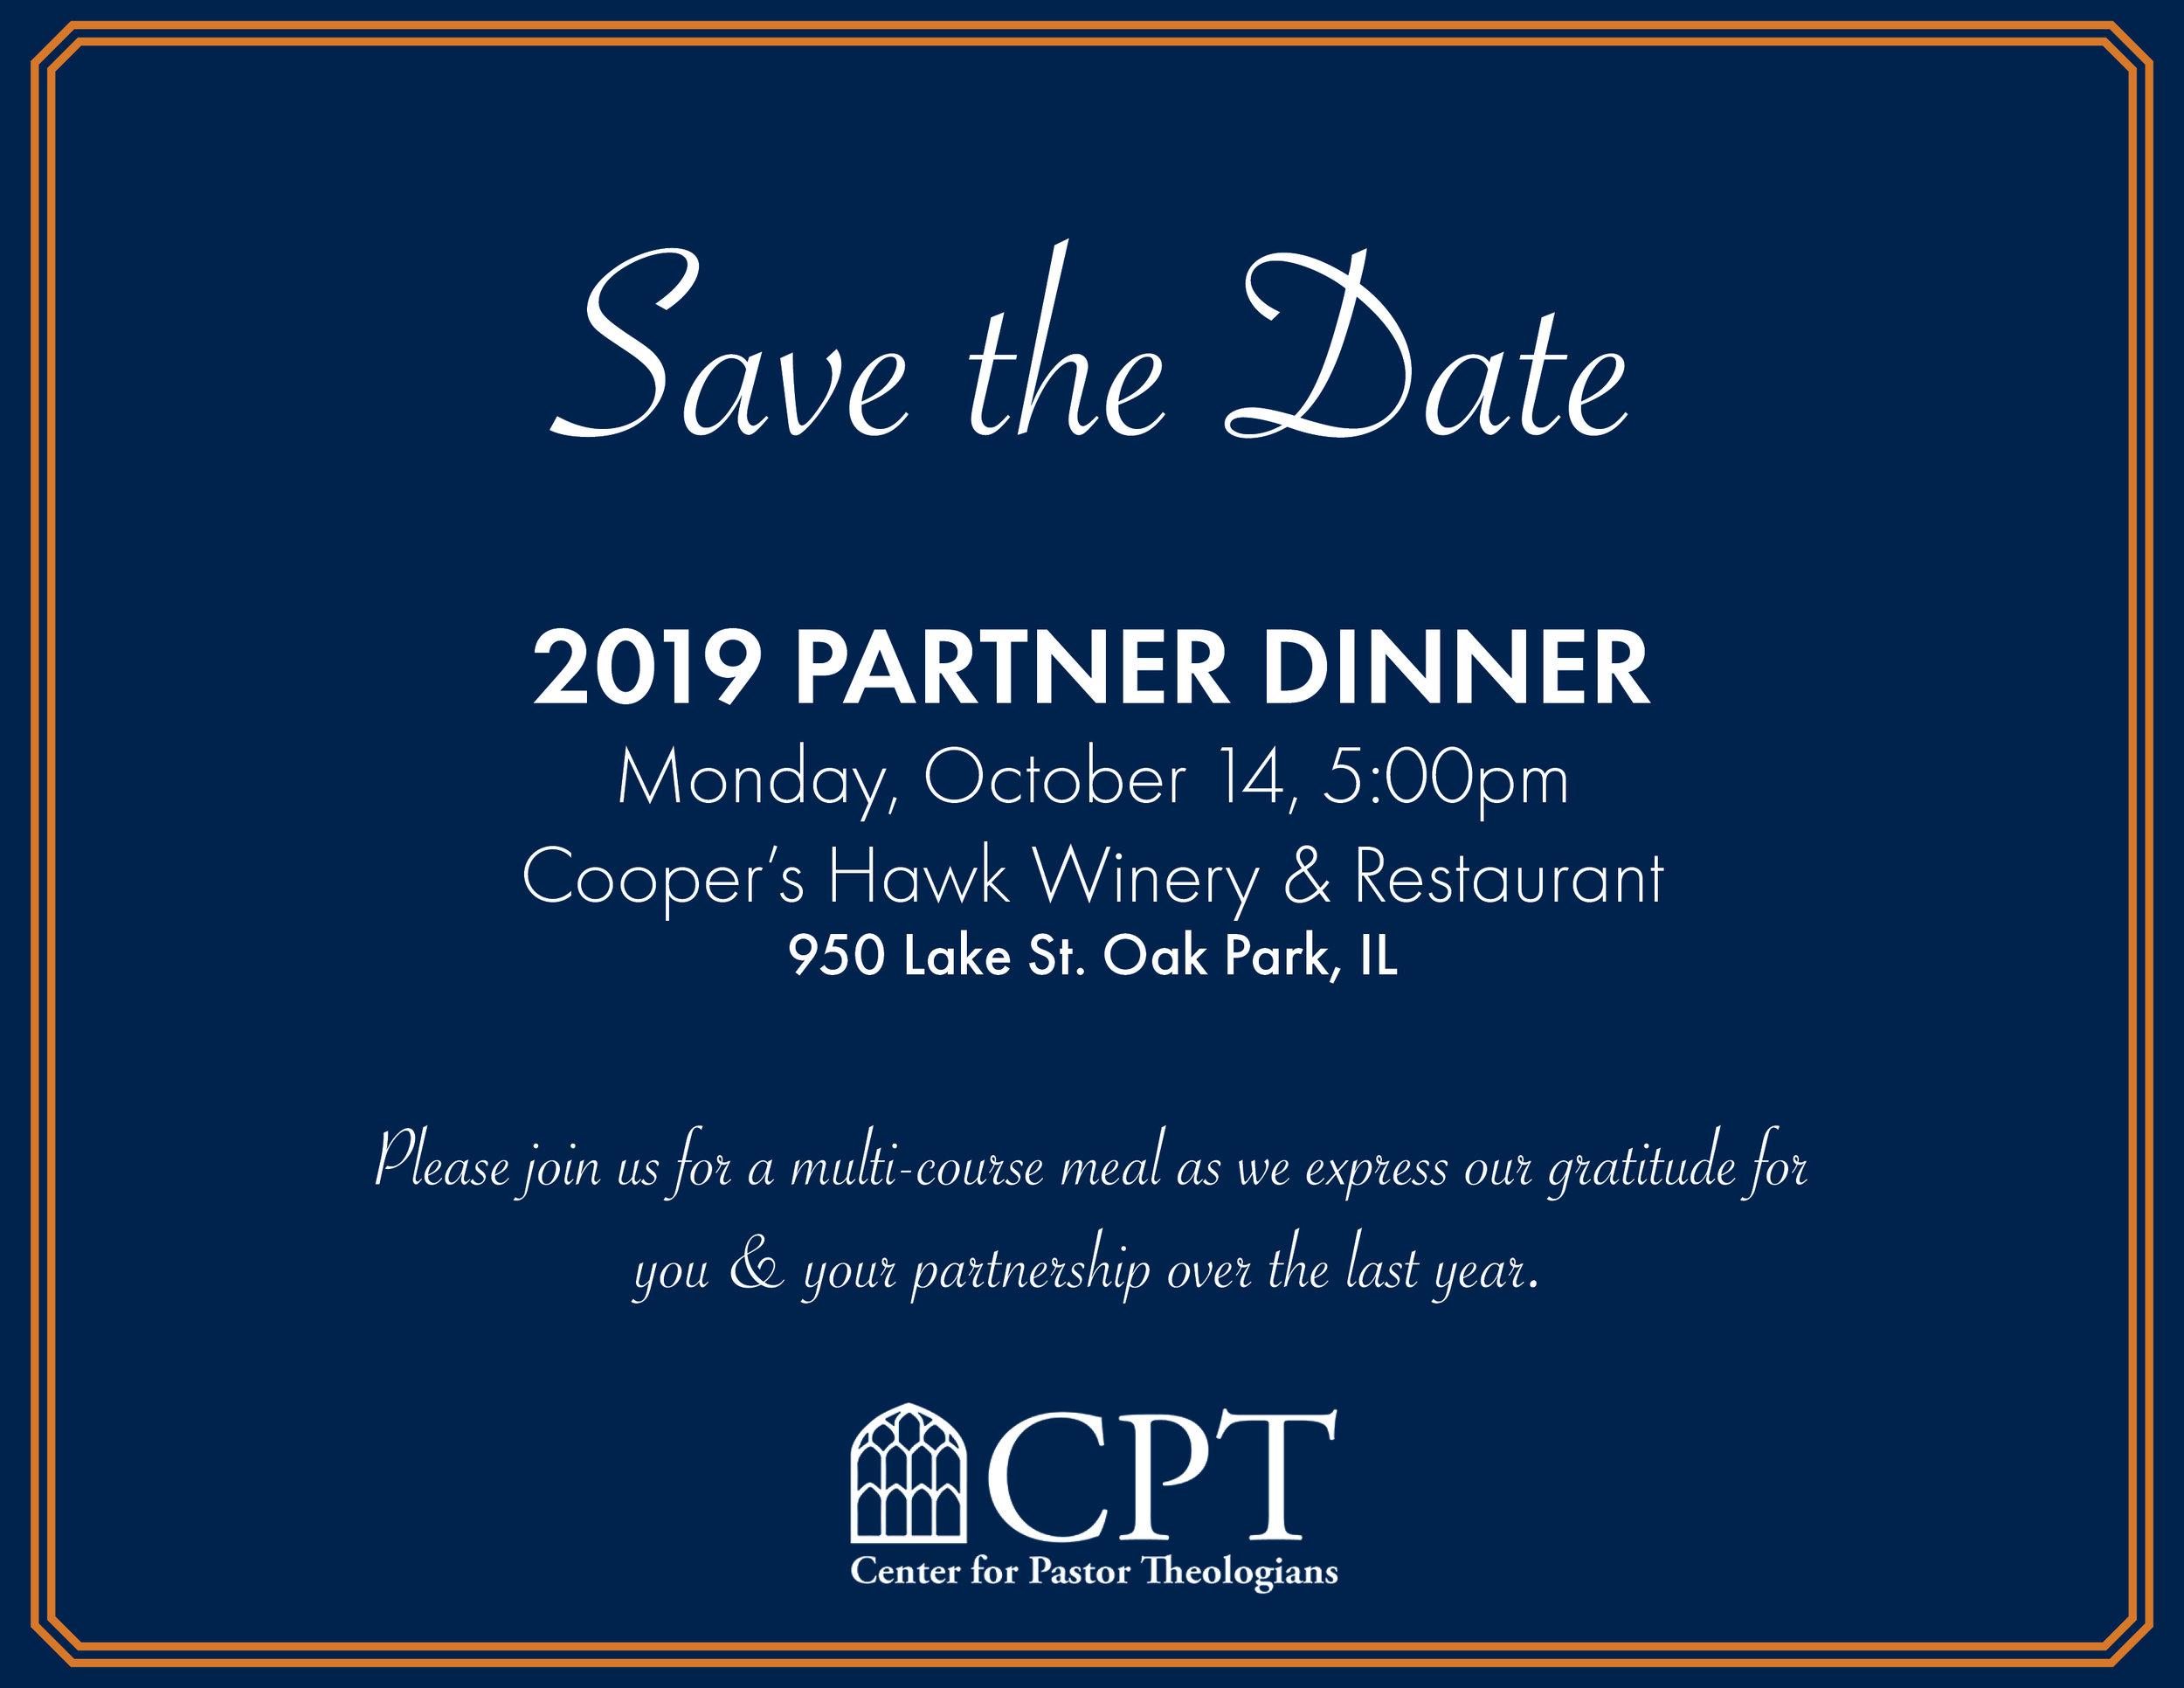 Partner Dinner 2019 Invite.jpg